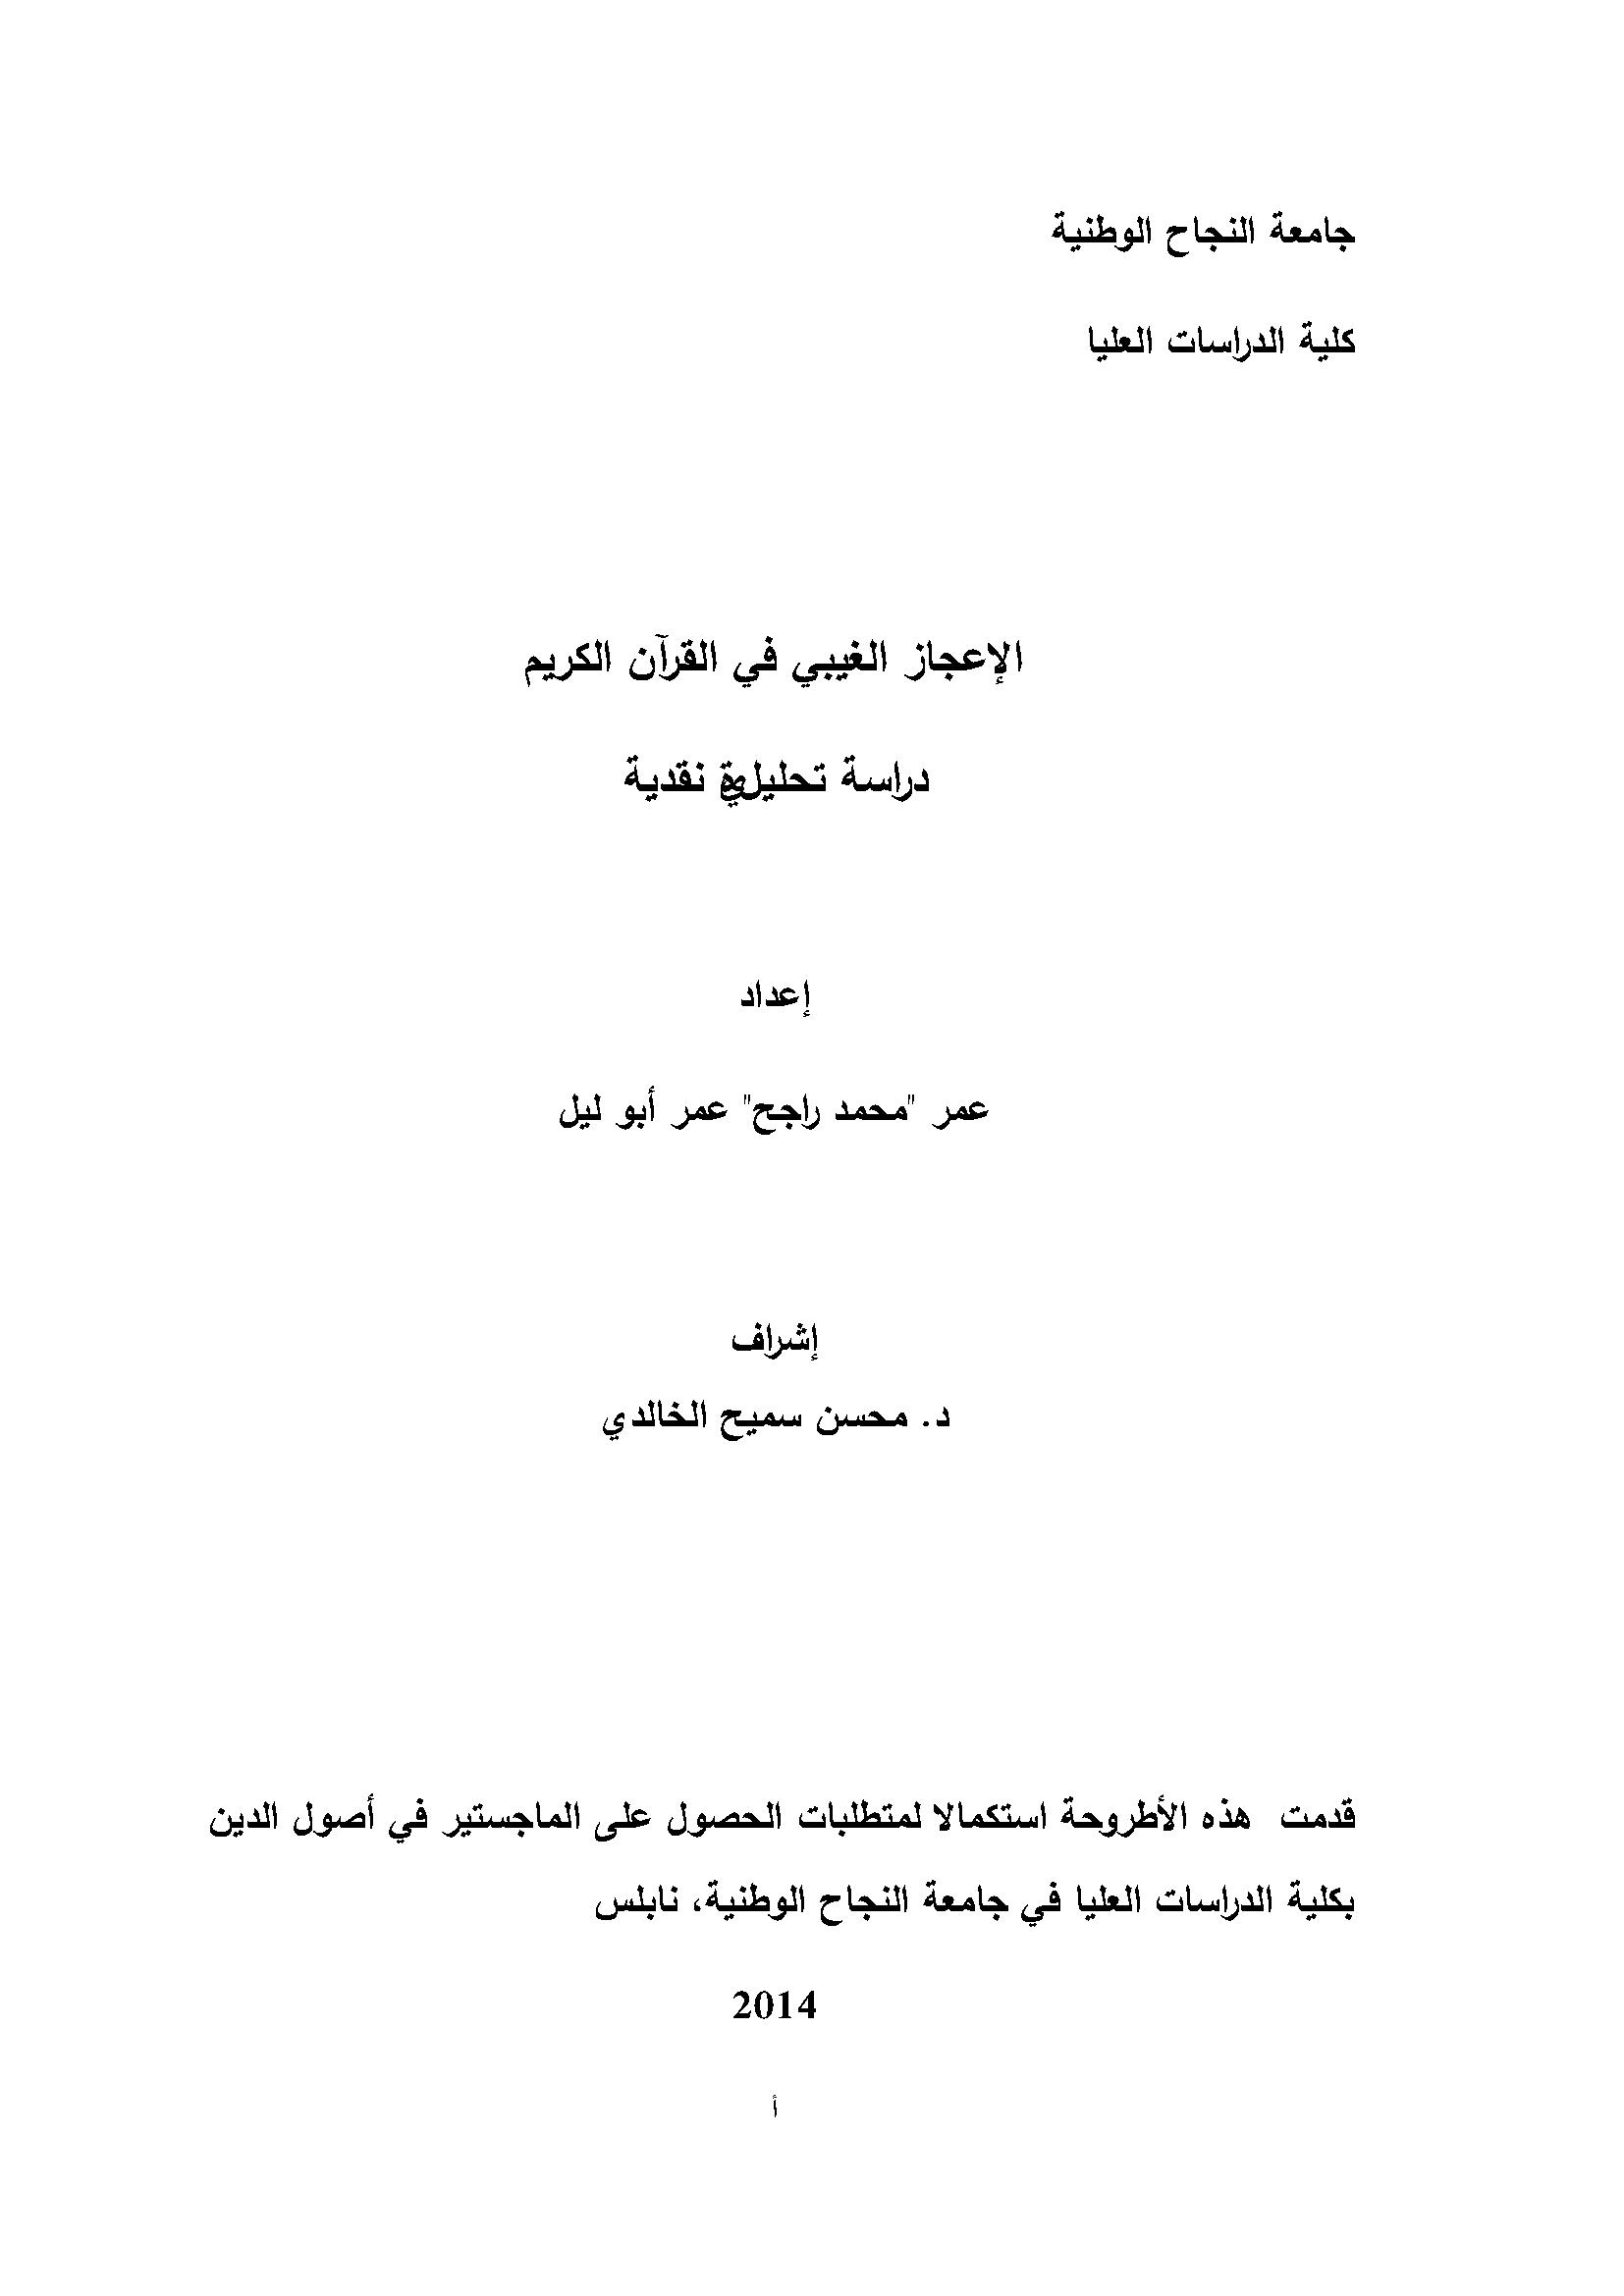 تحميل كتاب الإعجاز الغيبي في القرآن الكريم (دراسة تحليلية نقدية) لـِ: عمر محمد راجح عمر أبو ليل